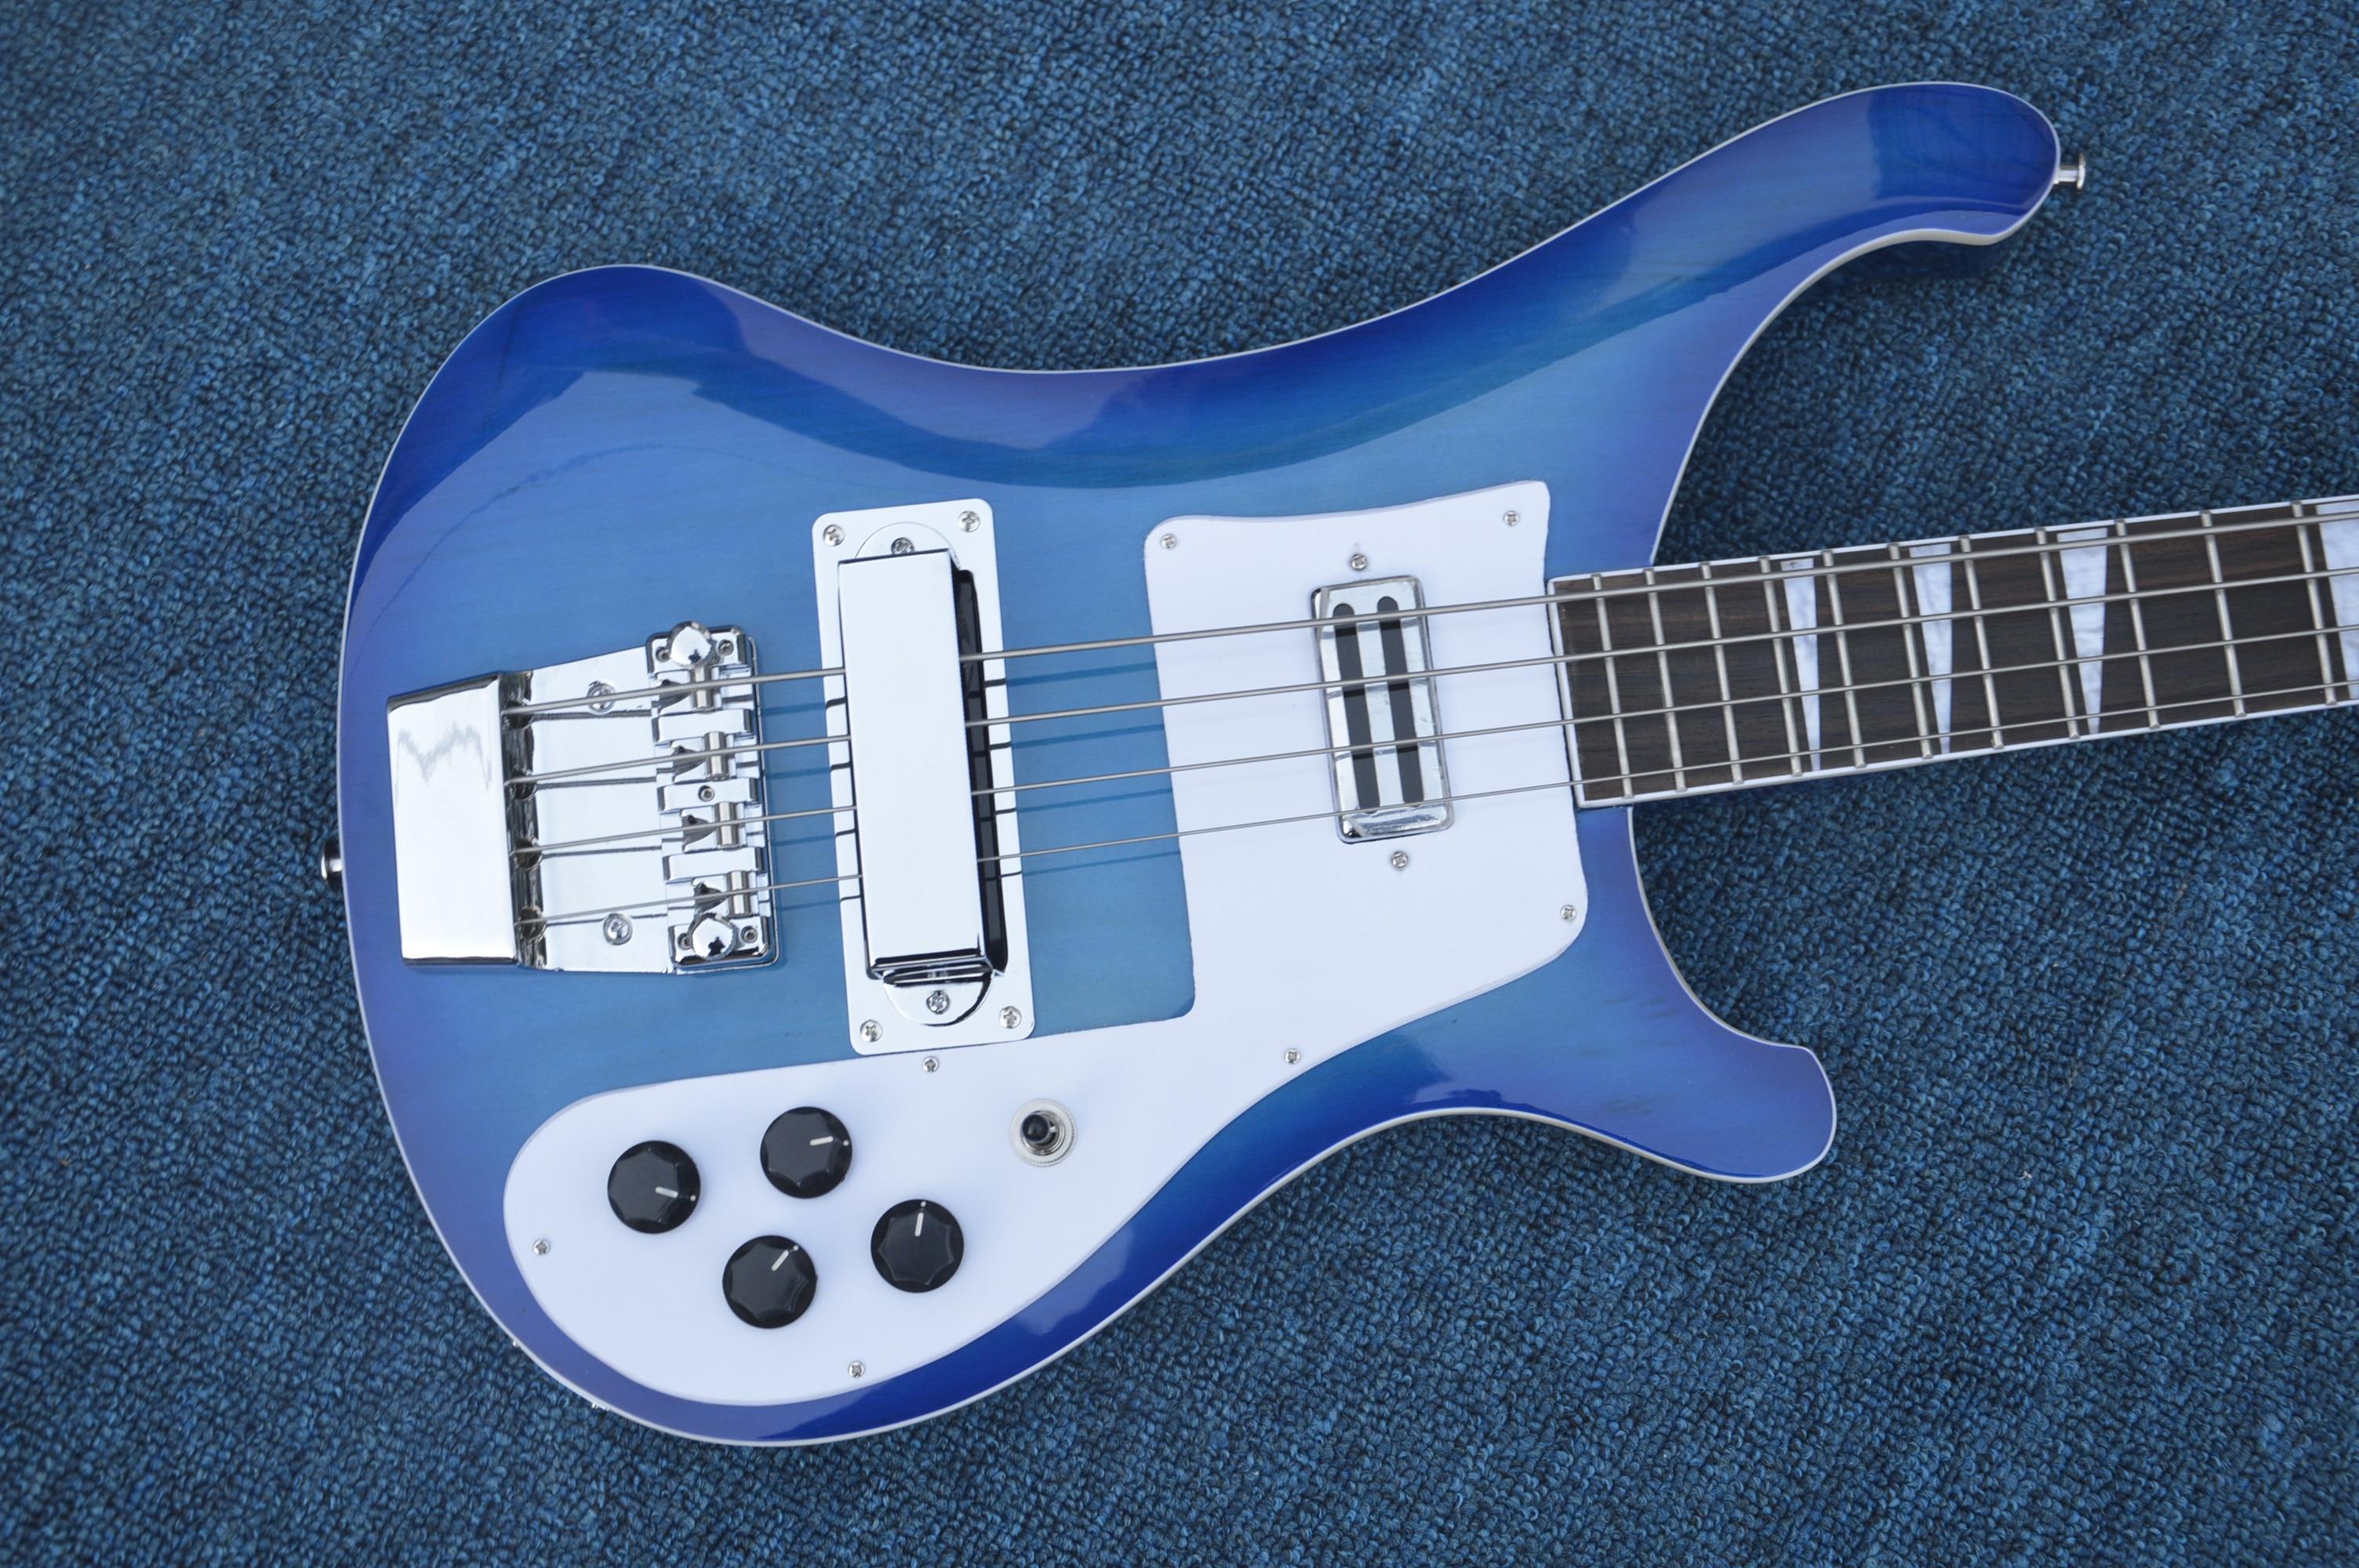 2019 haute qualité usine directe guitare électrique basse guitare chaîne bleu nouveau 4 livraison gratuite